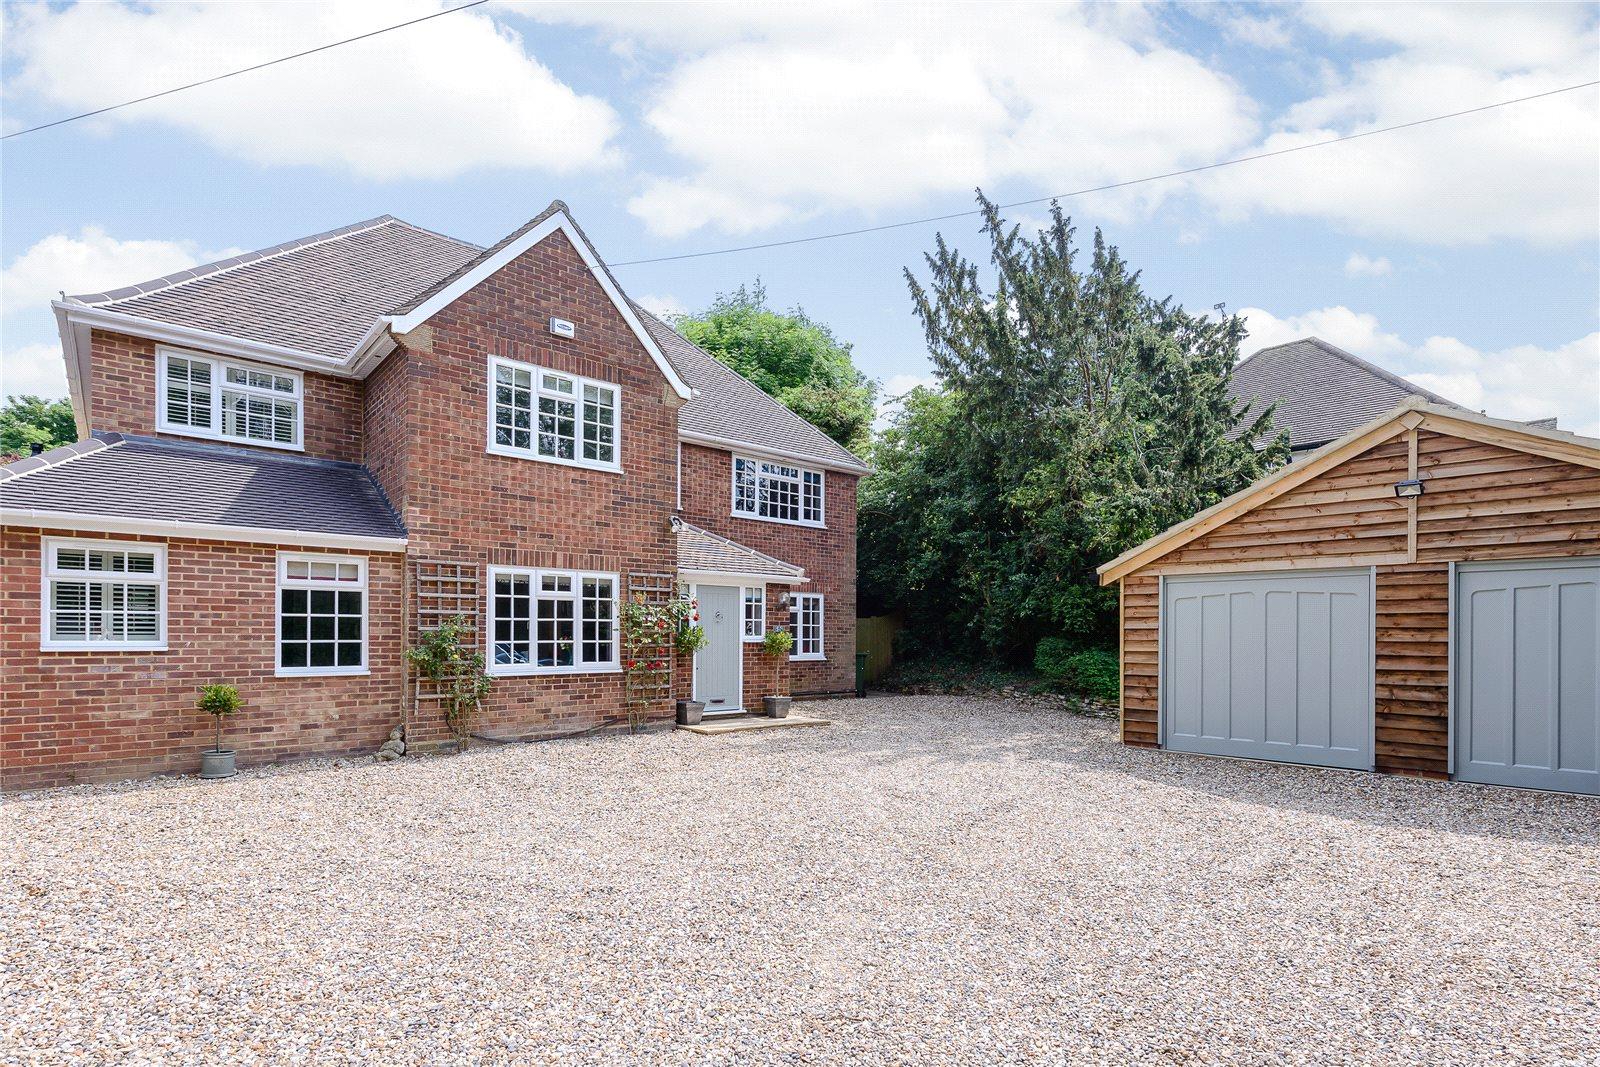 Μονοκατοικία για την Πώληση στο Watling Street, St. Albans, Hertfordshire, AL1 St Albans, Αγγλια